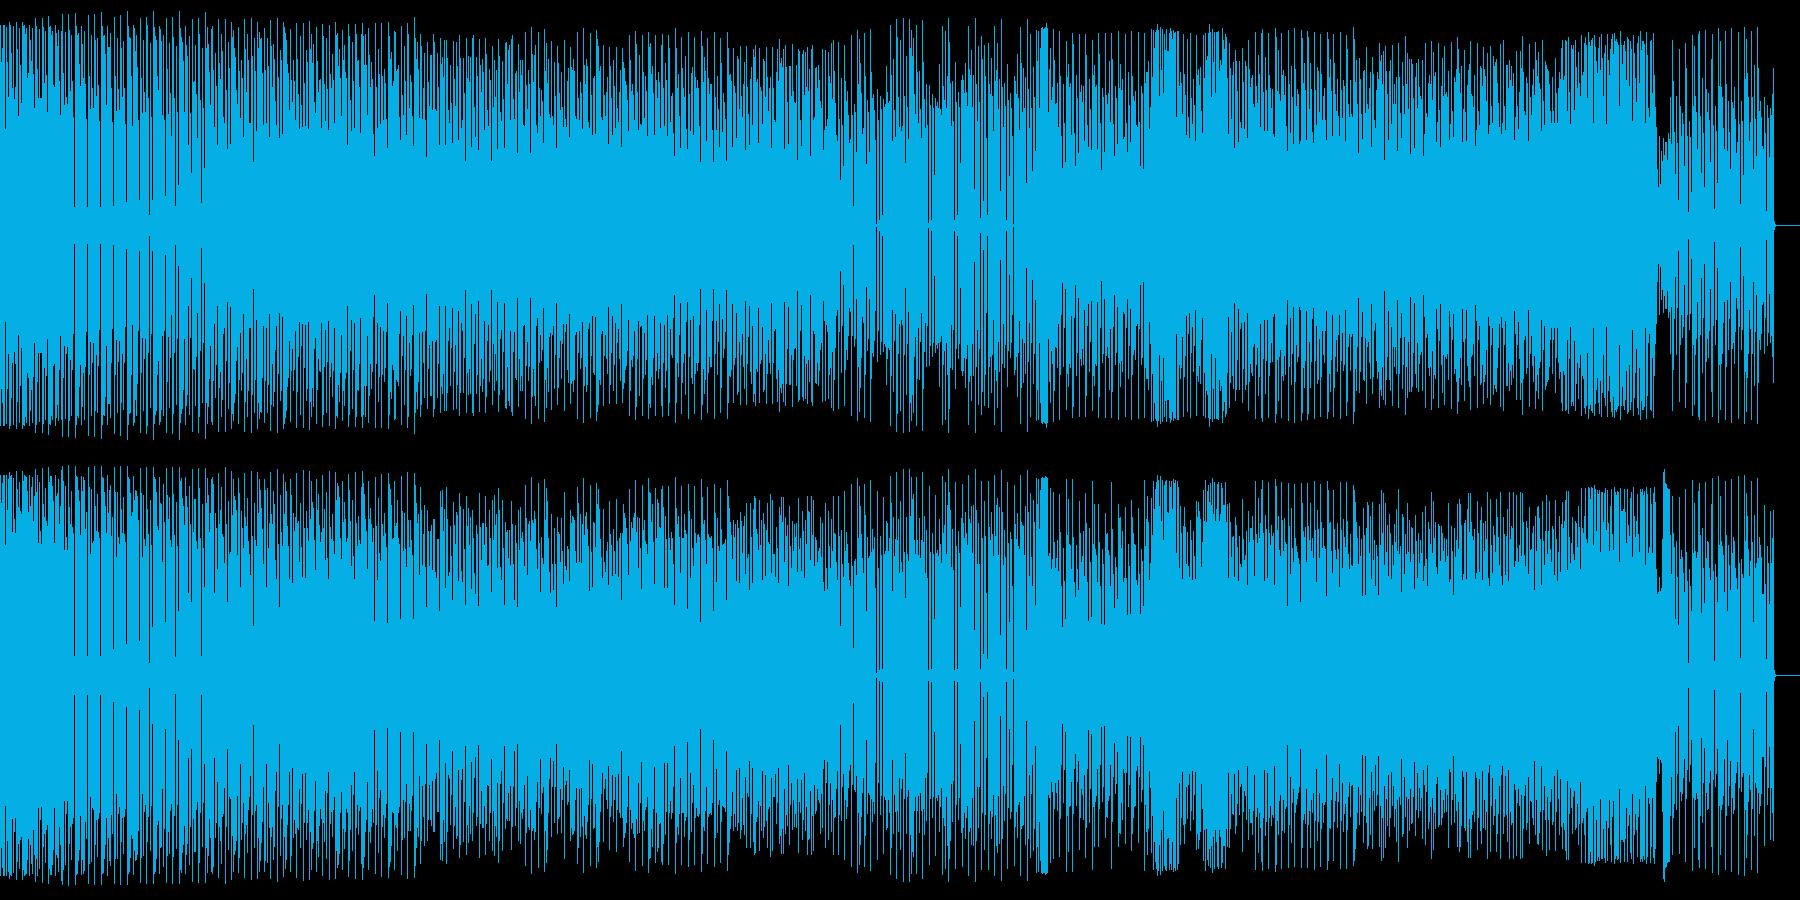 遊び心のあるエレクトロハウスの再生済みの波形